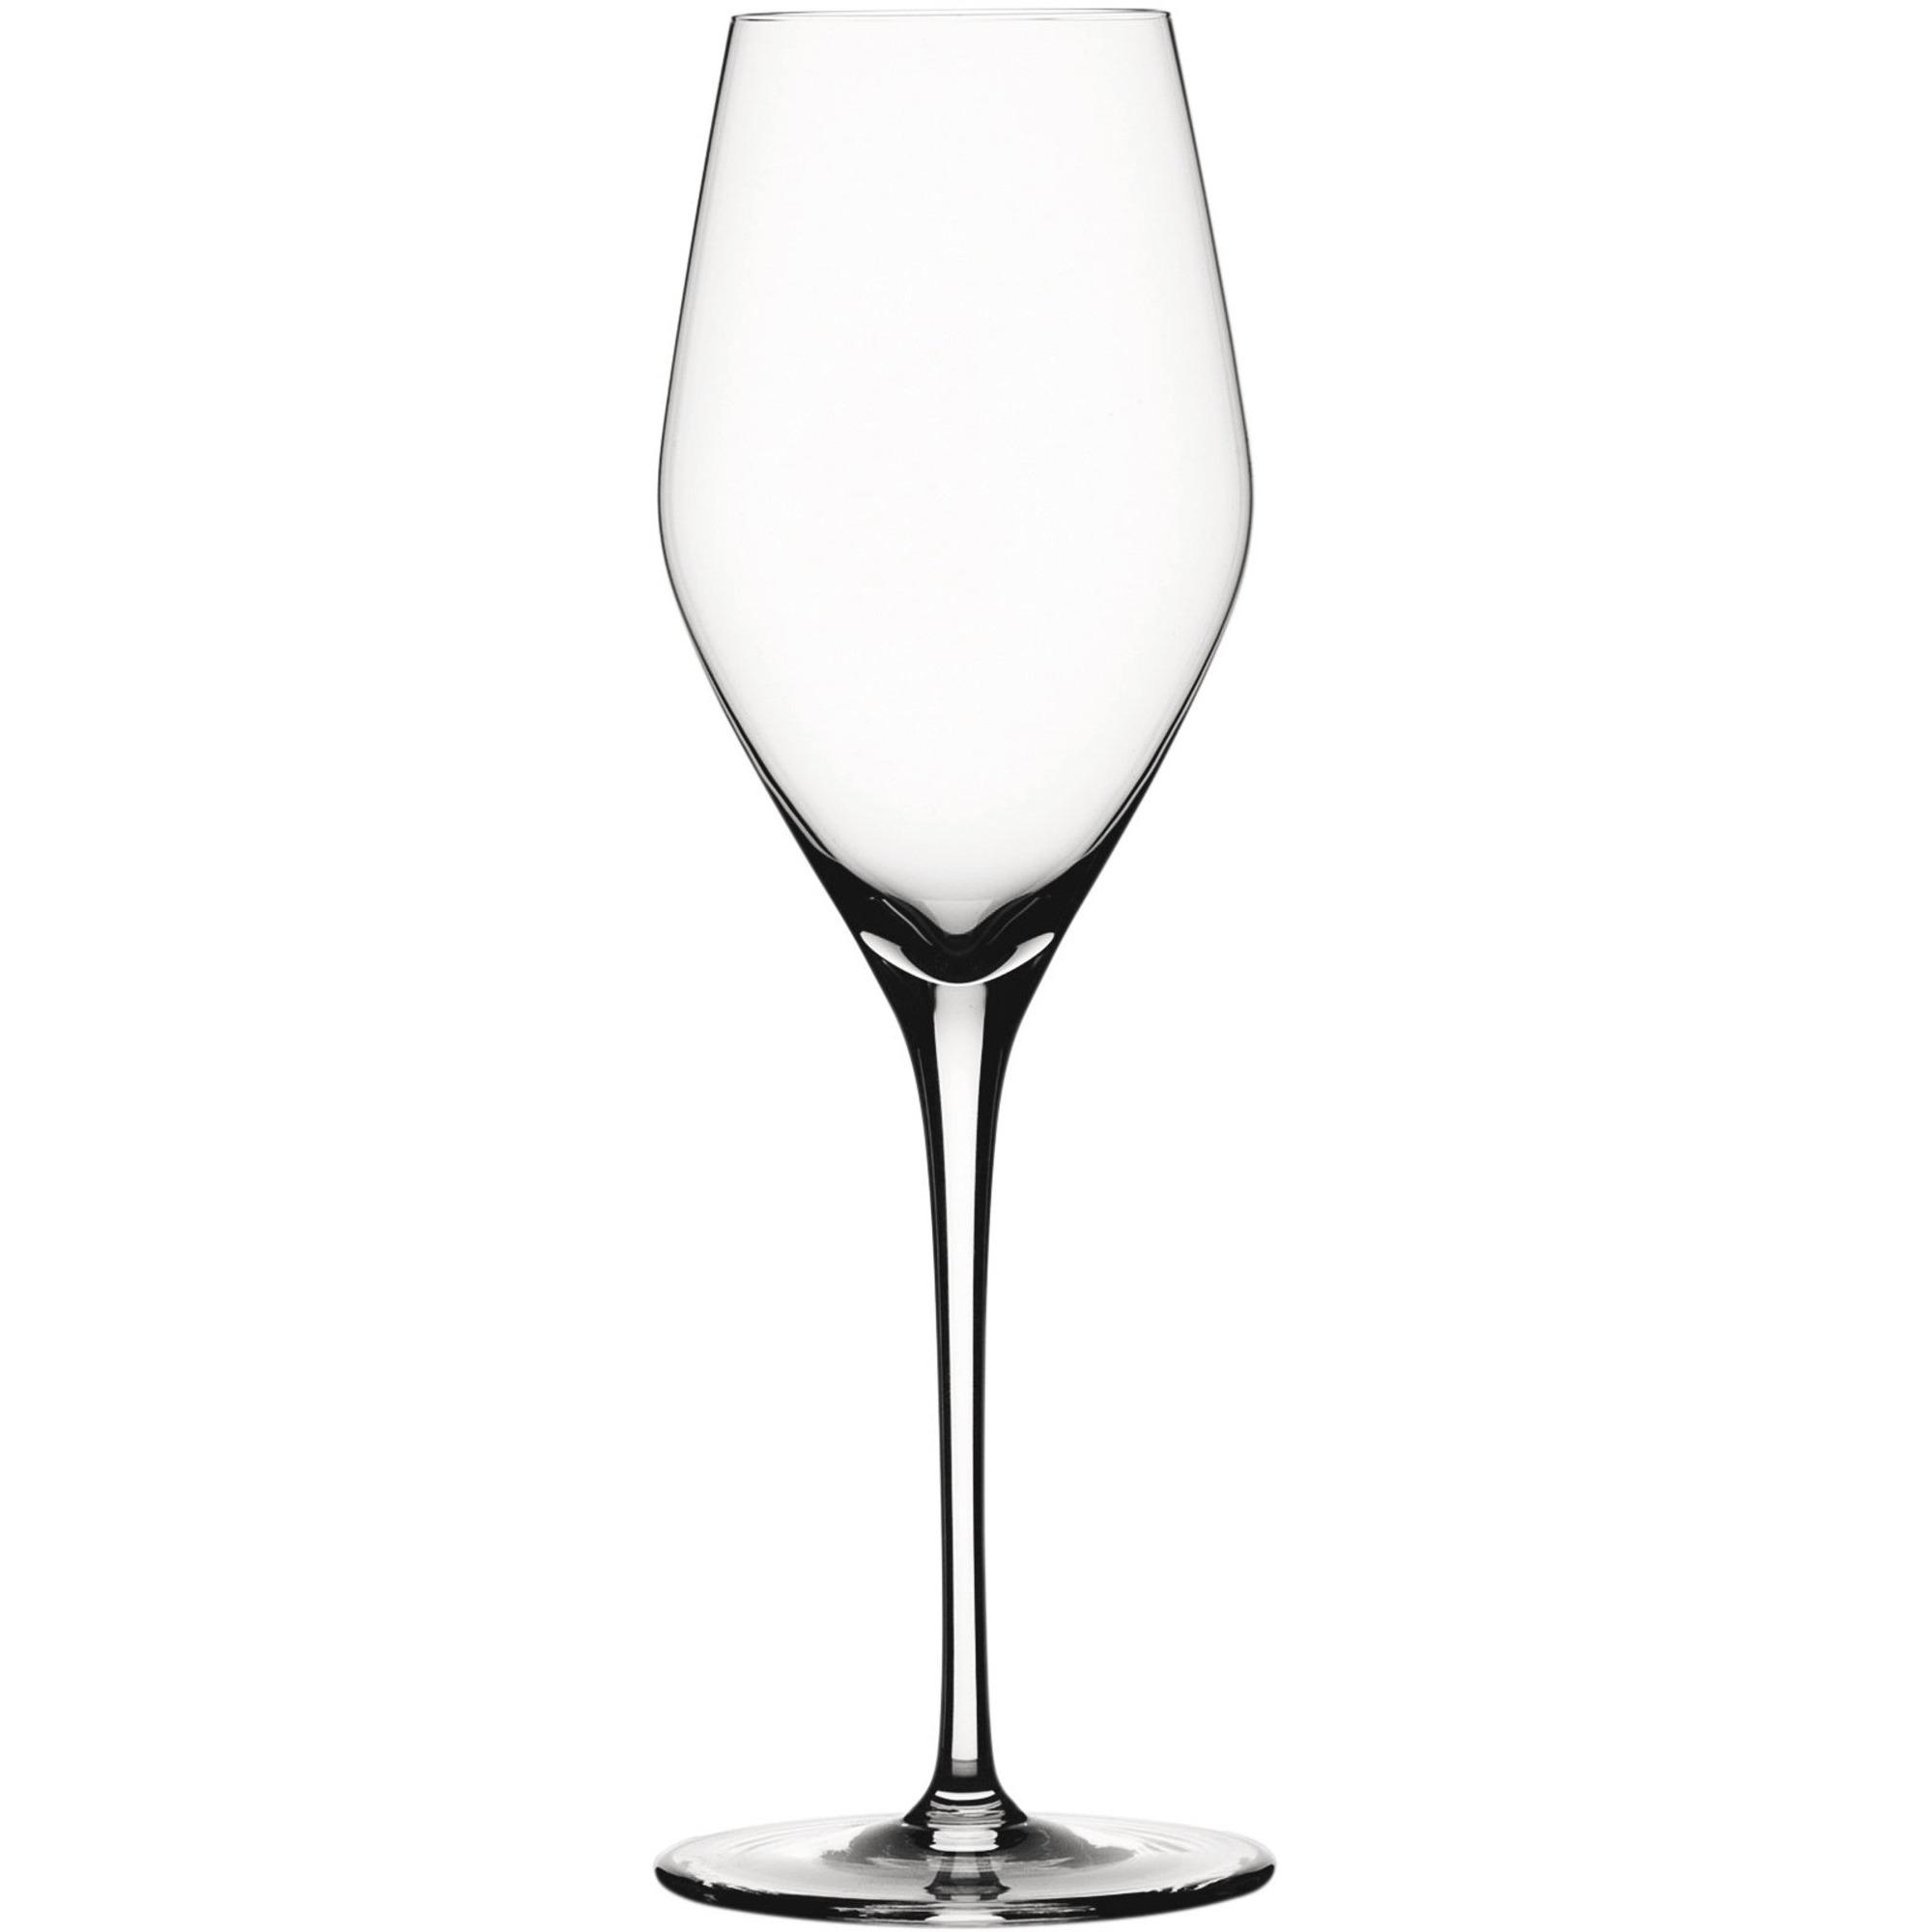 Spiegelau Authentis Champagneglas 4-pack